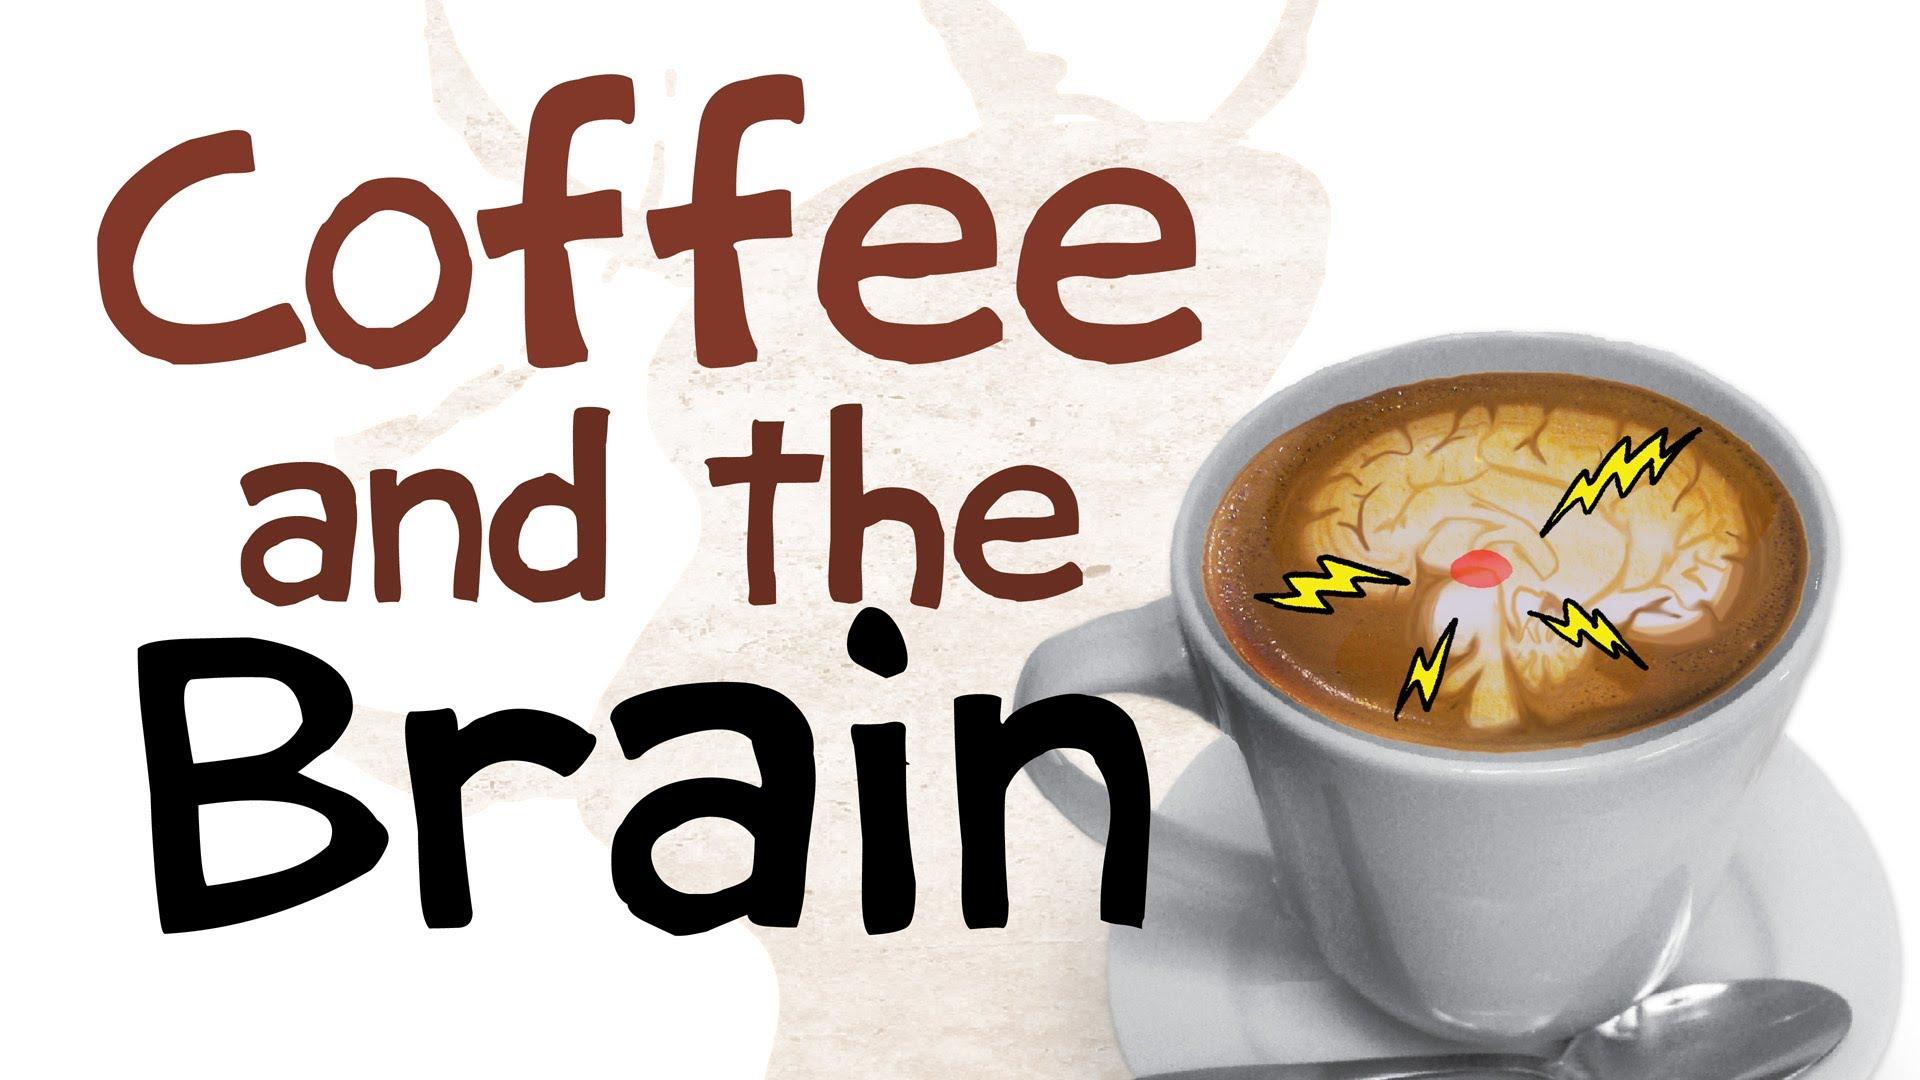 認識咖啡英文!昏昏欲睡,喝咖啡真的有效嗎?咖啡到底有益還有害?